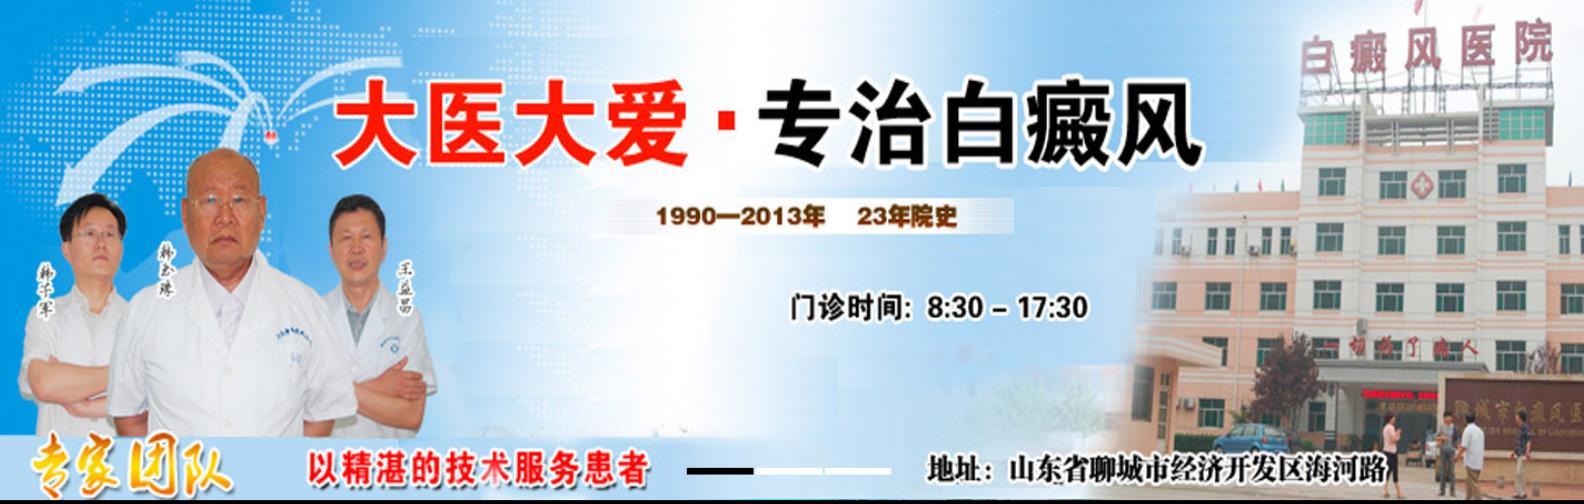 聊城市白癜风医院:专业治疗白癜风国家二级中医专科医院